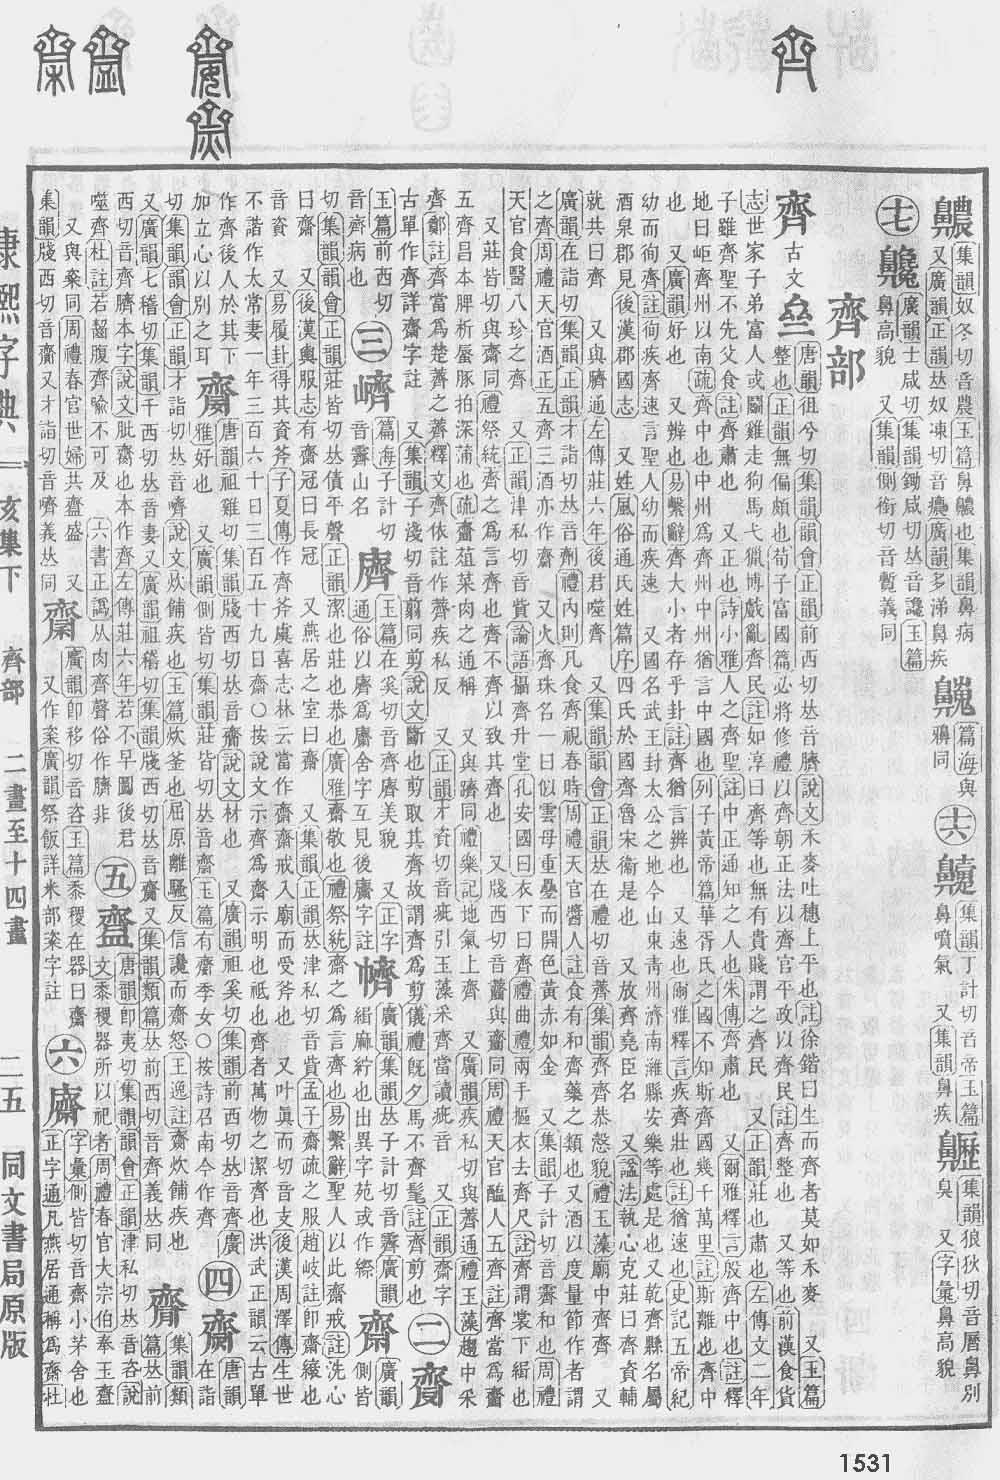 《康熙字典》第1531页